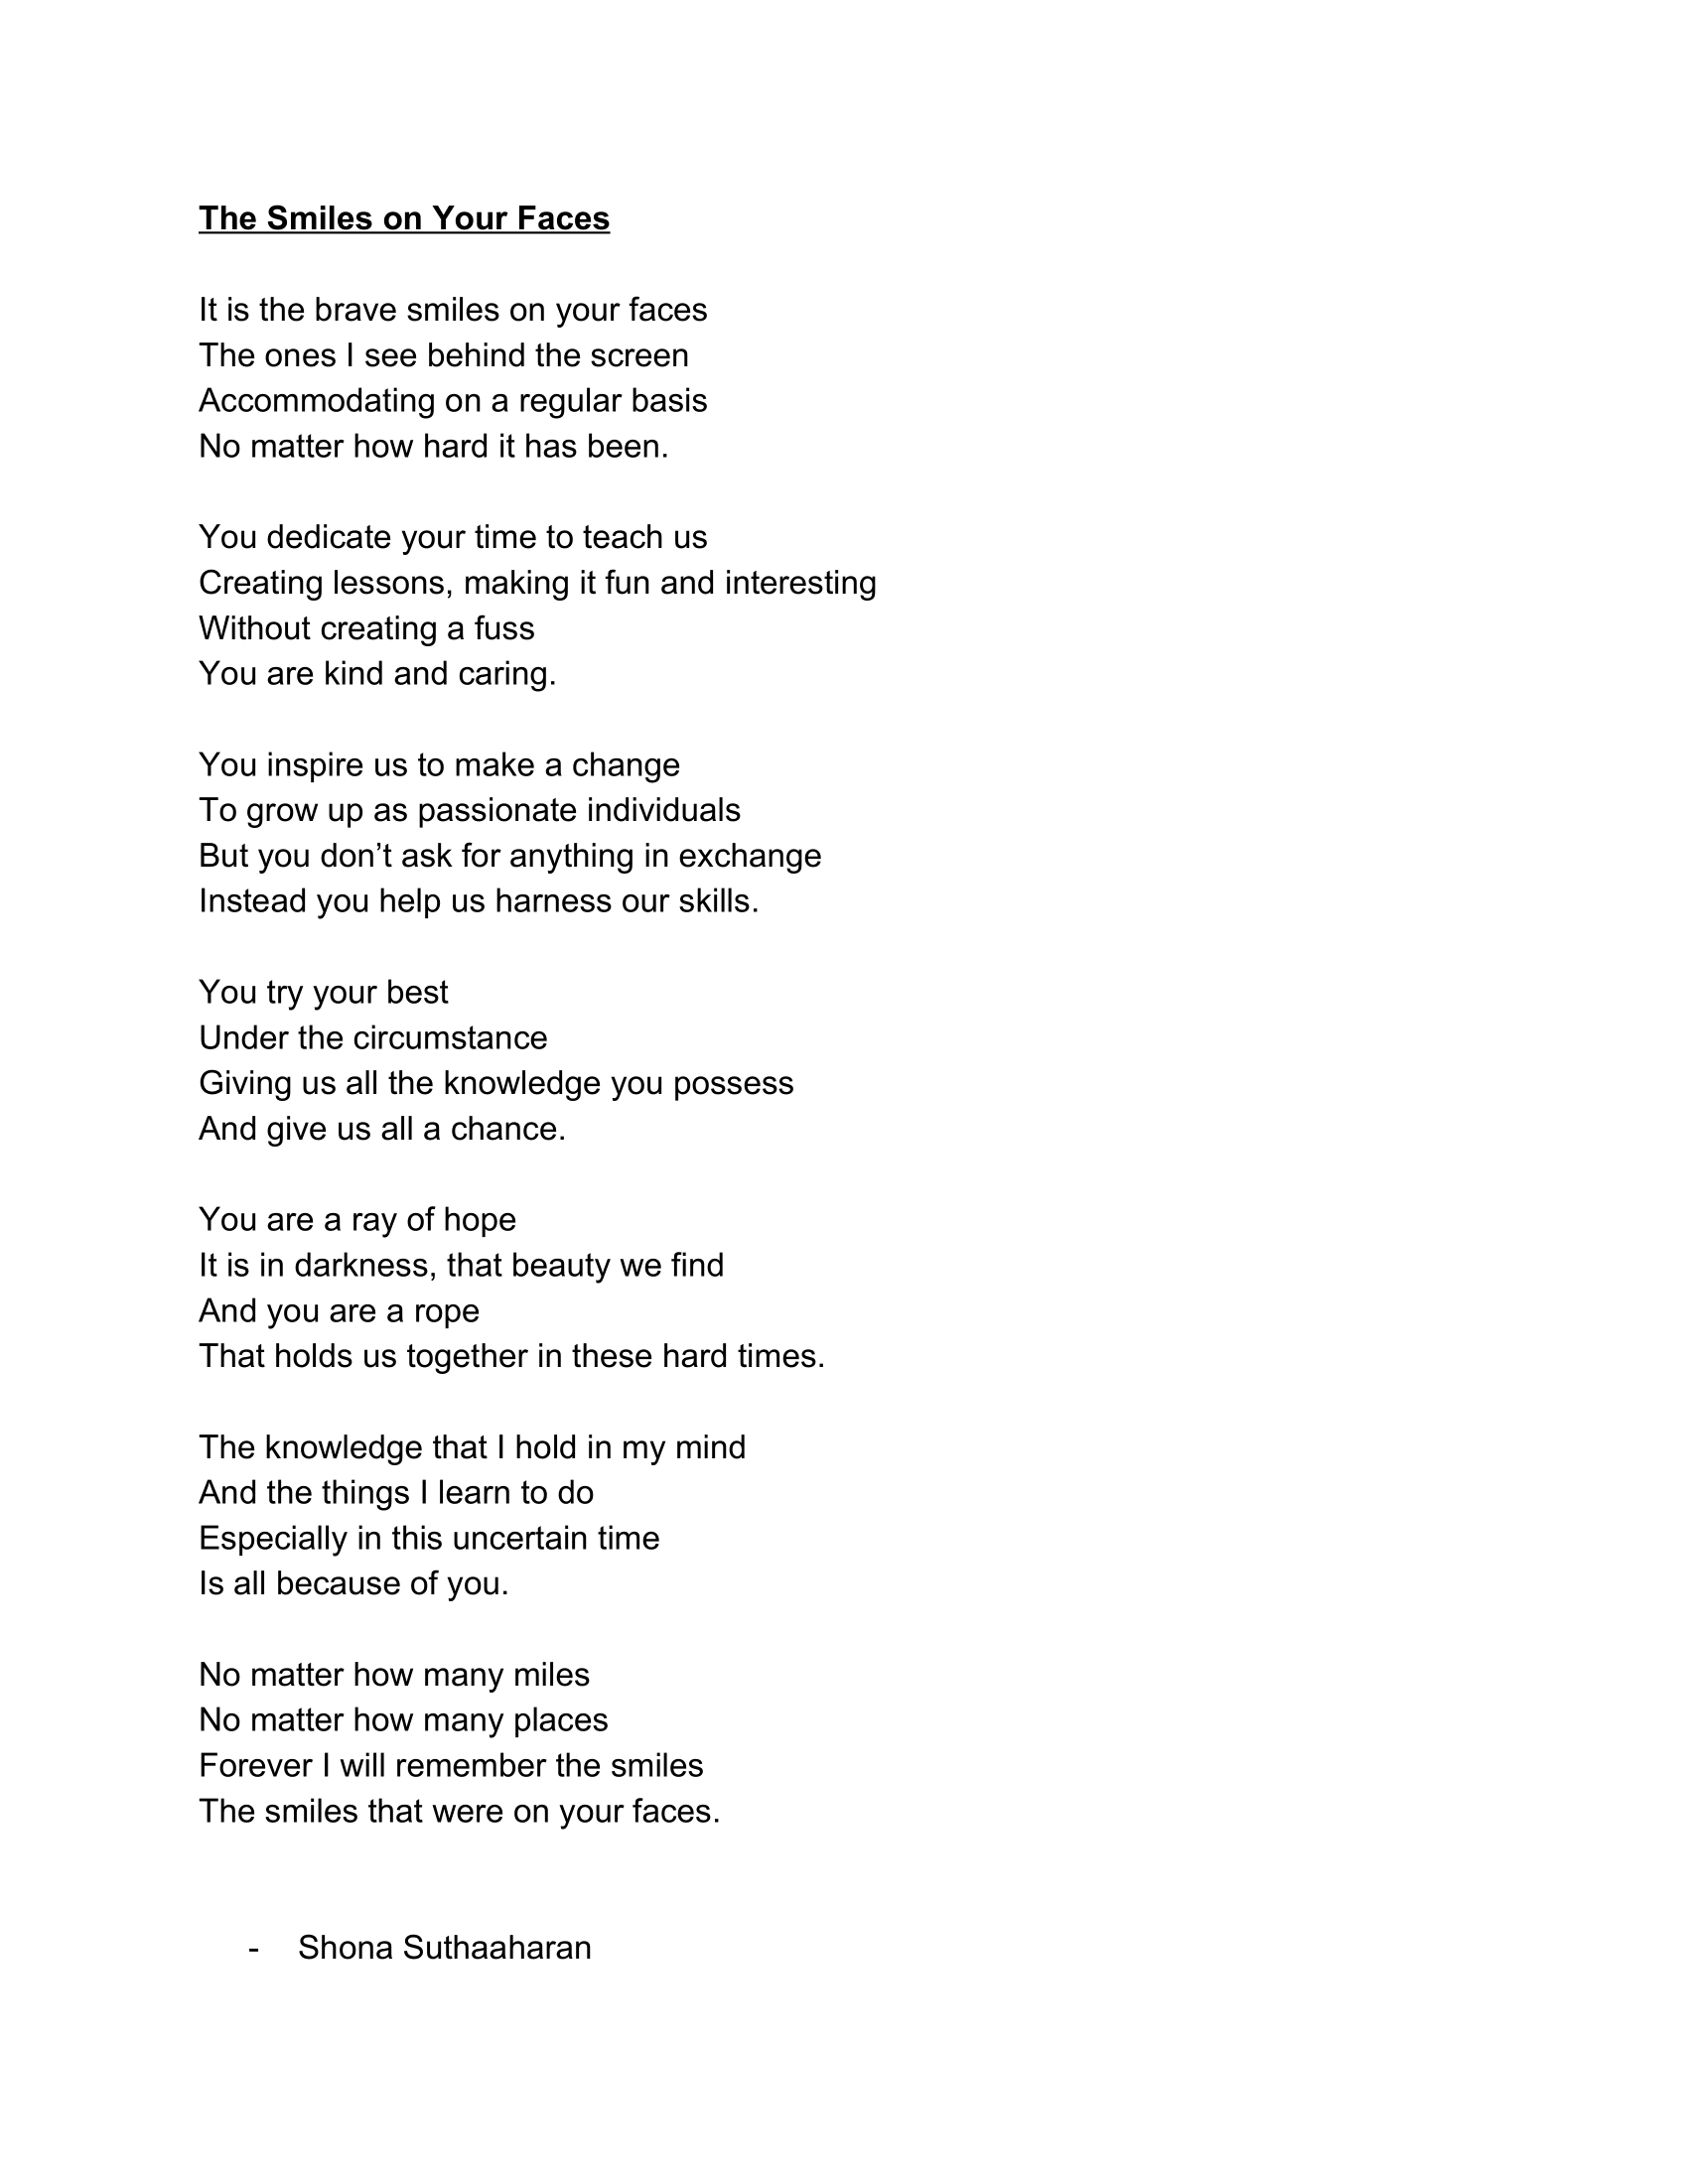 Poem, Shona Suthaaharan